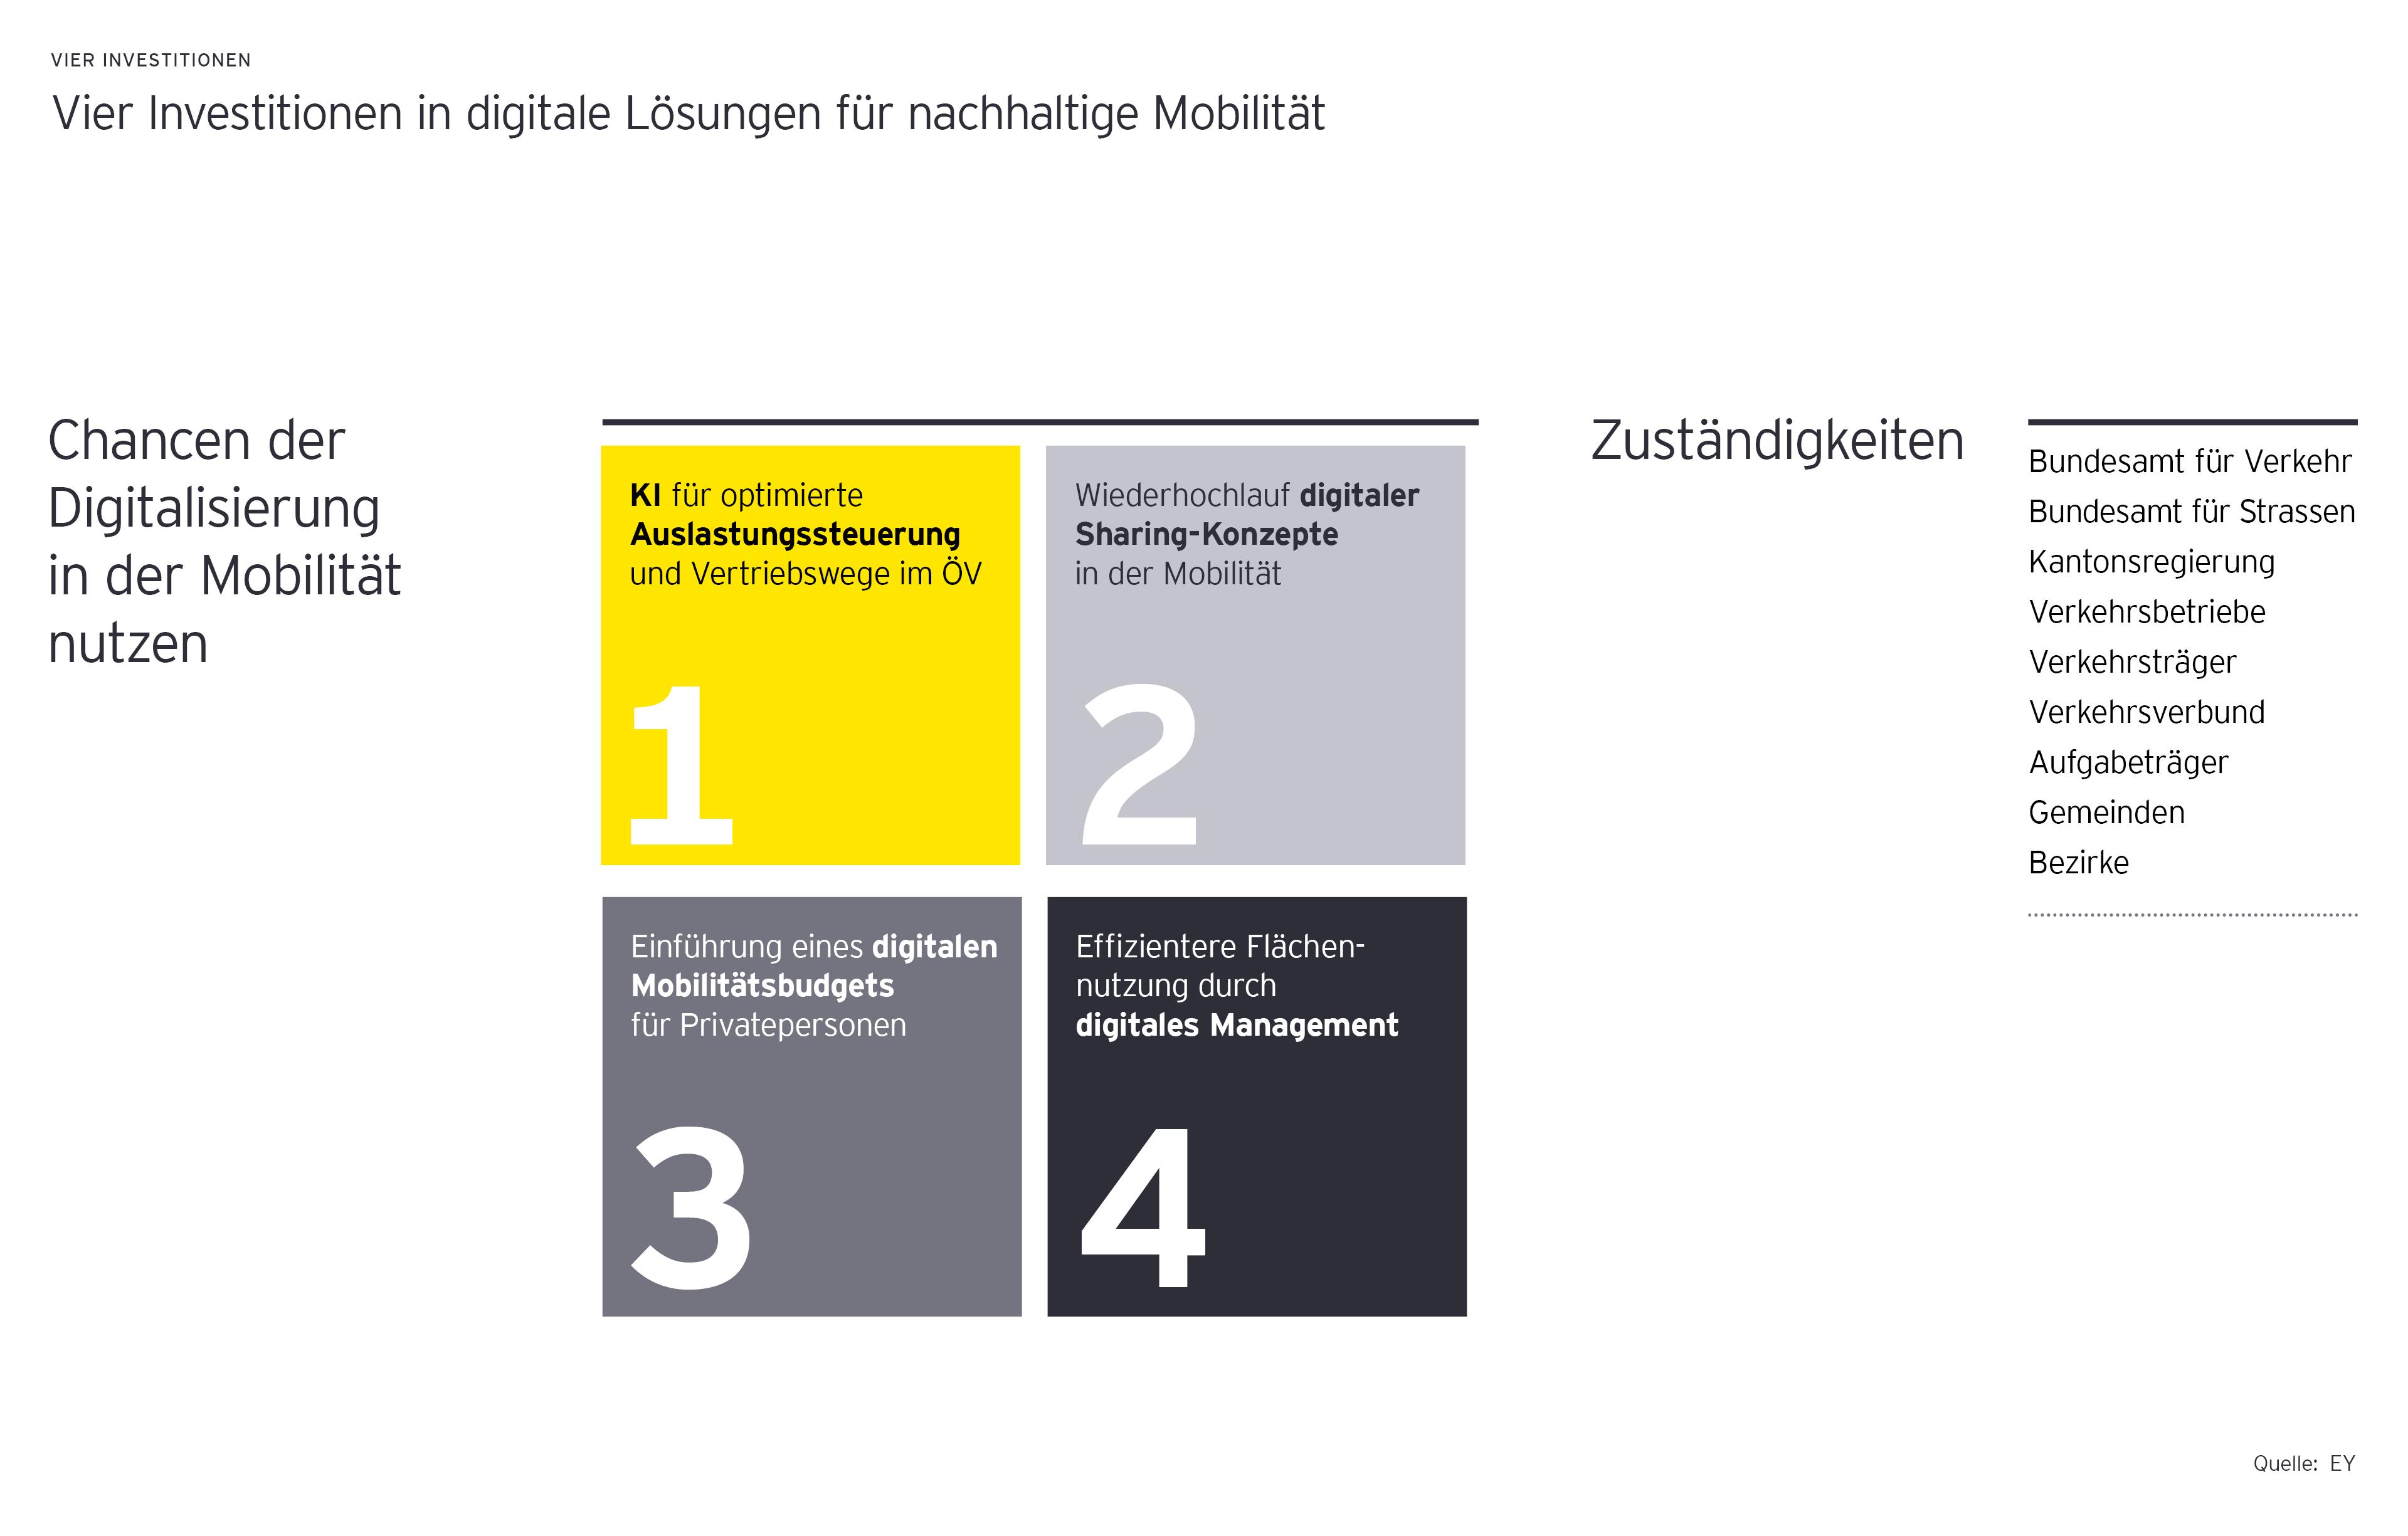 Diagramm zeigt vier Investitionen in Digitale Lösungen für Nachhaltige Mobilität